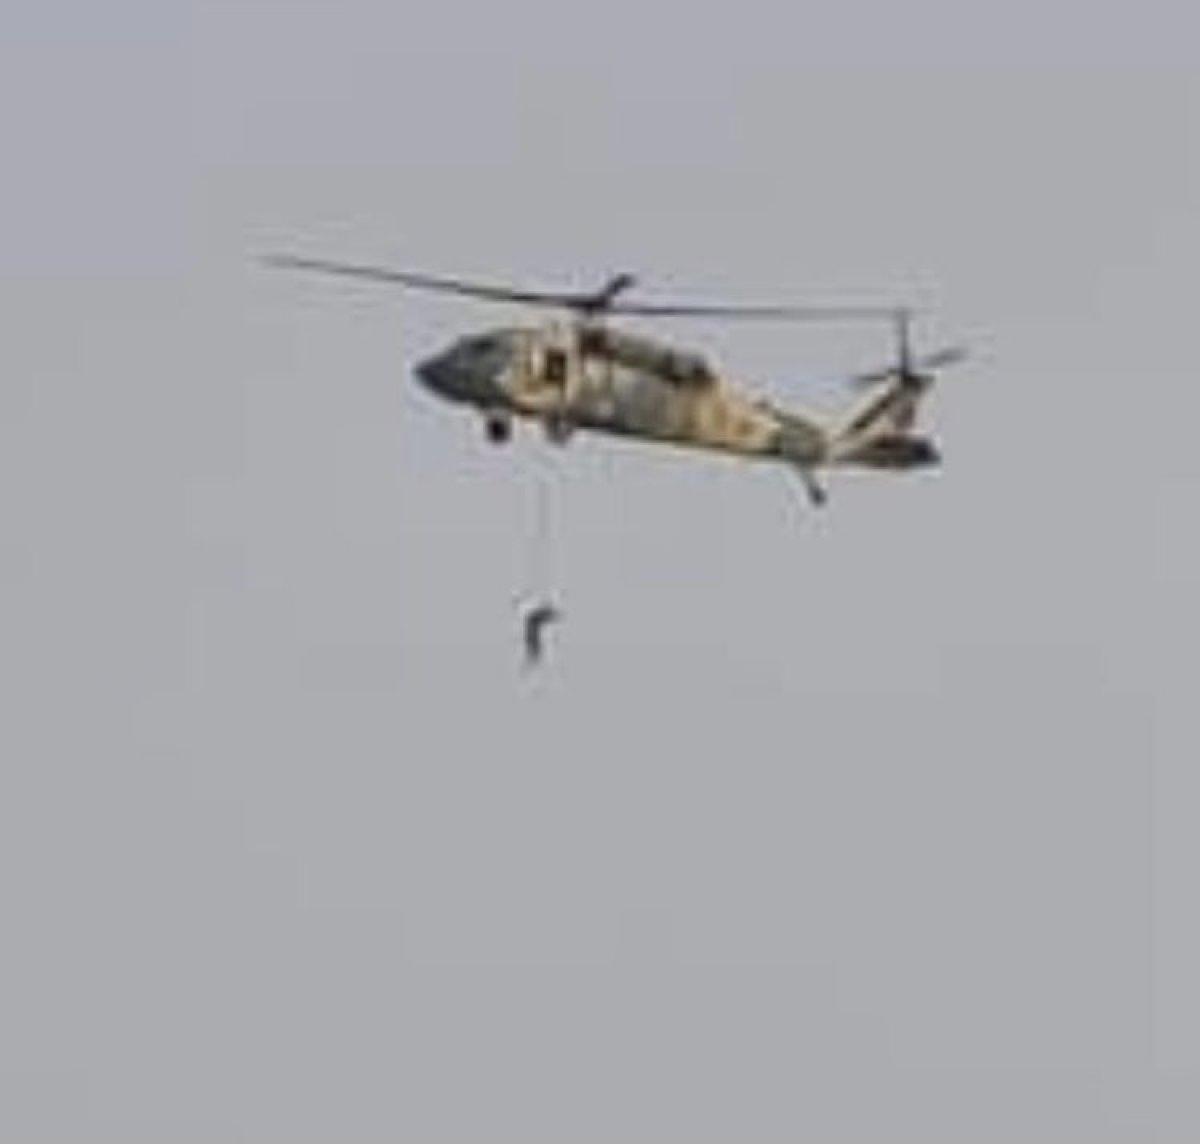 Taliban Amerika ya çalışan Afganları ABD ye ait helikopterlerle asıyor iddiası #1